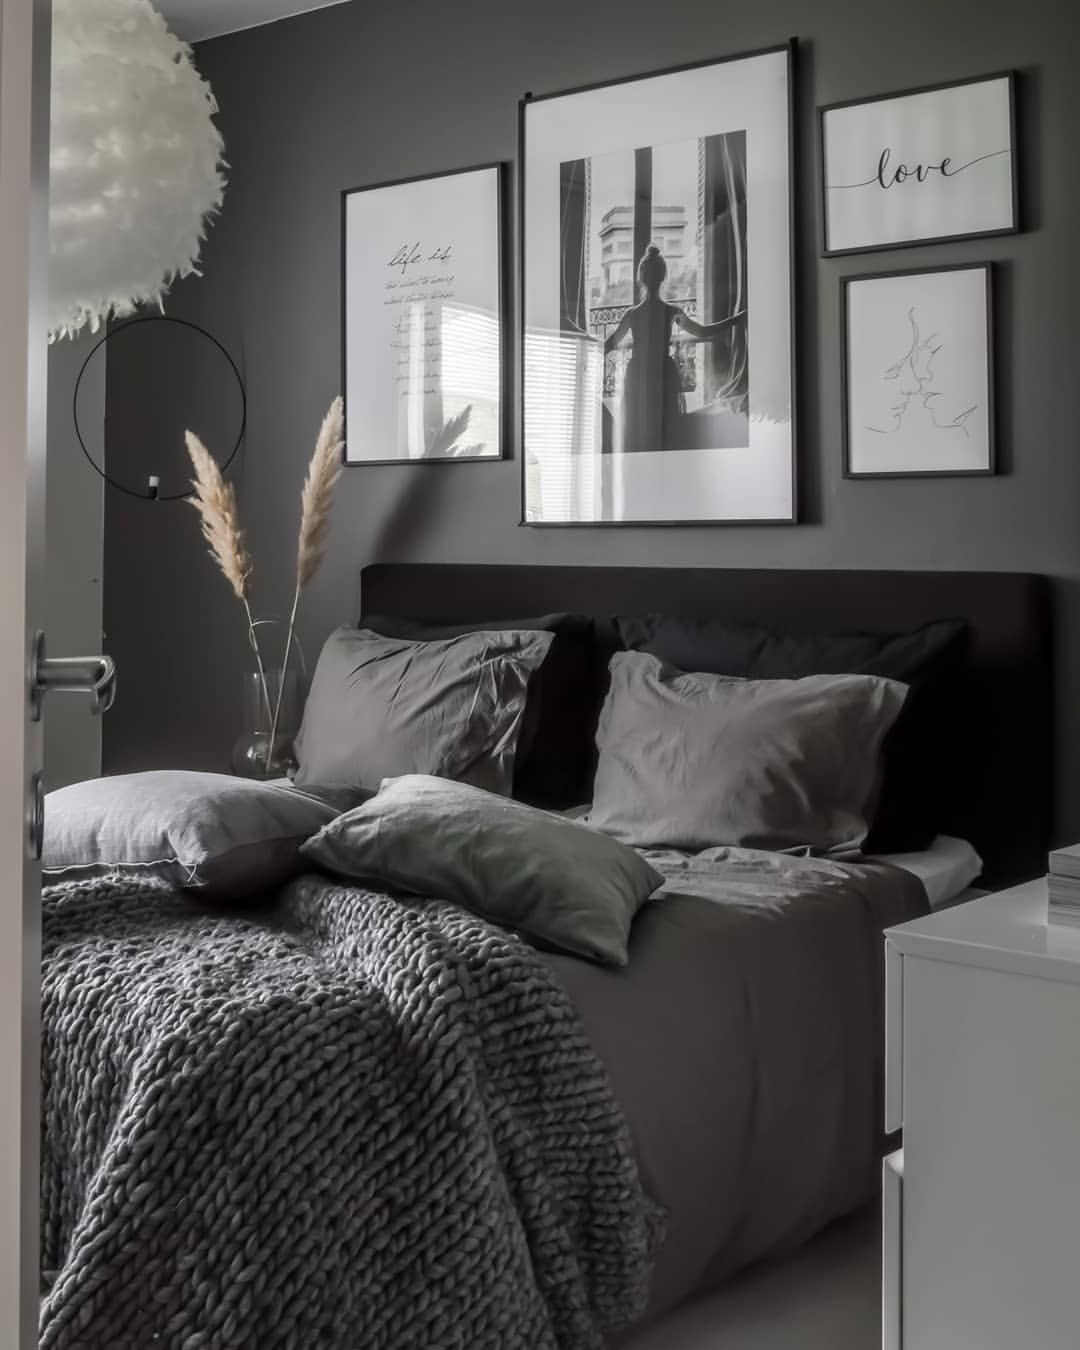 """Photo of Interior/Scandi/home on Instagram: """"Huomenta!? Muutama tunti töitä ja sitten viikonlopun viettoon…mitäs teillä on suunnitelmissa? Me vaan otetaan rennosti ? Kivaa…"""""""